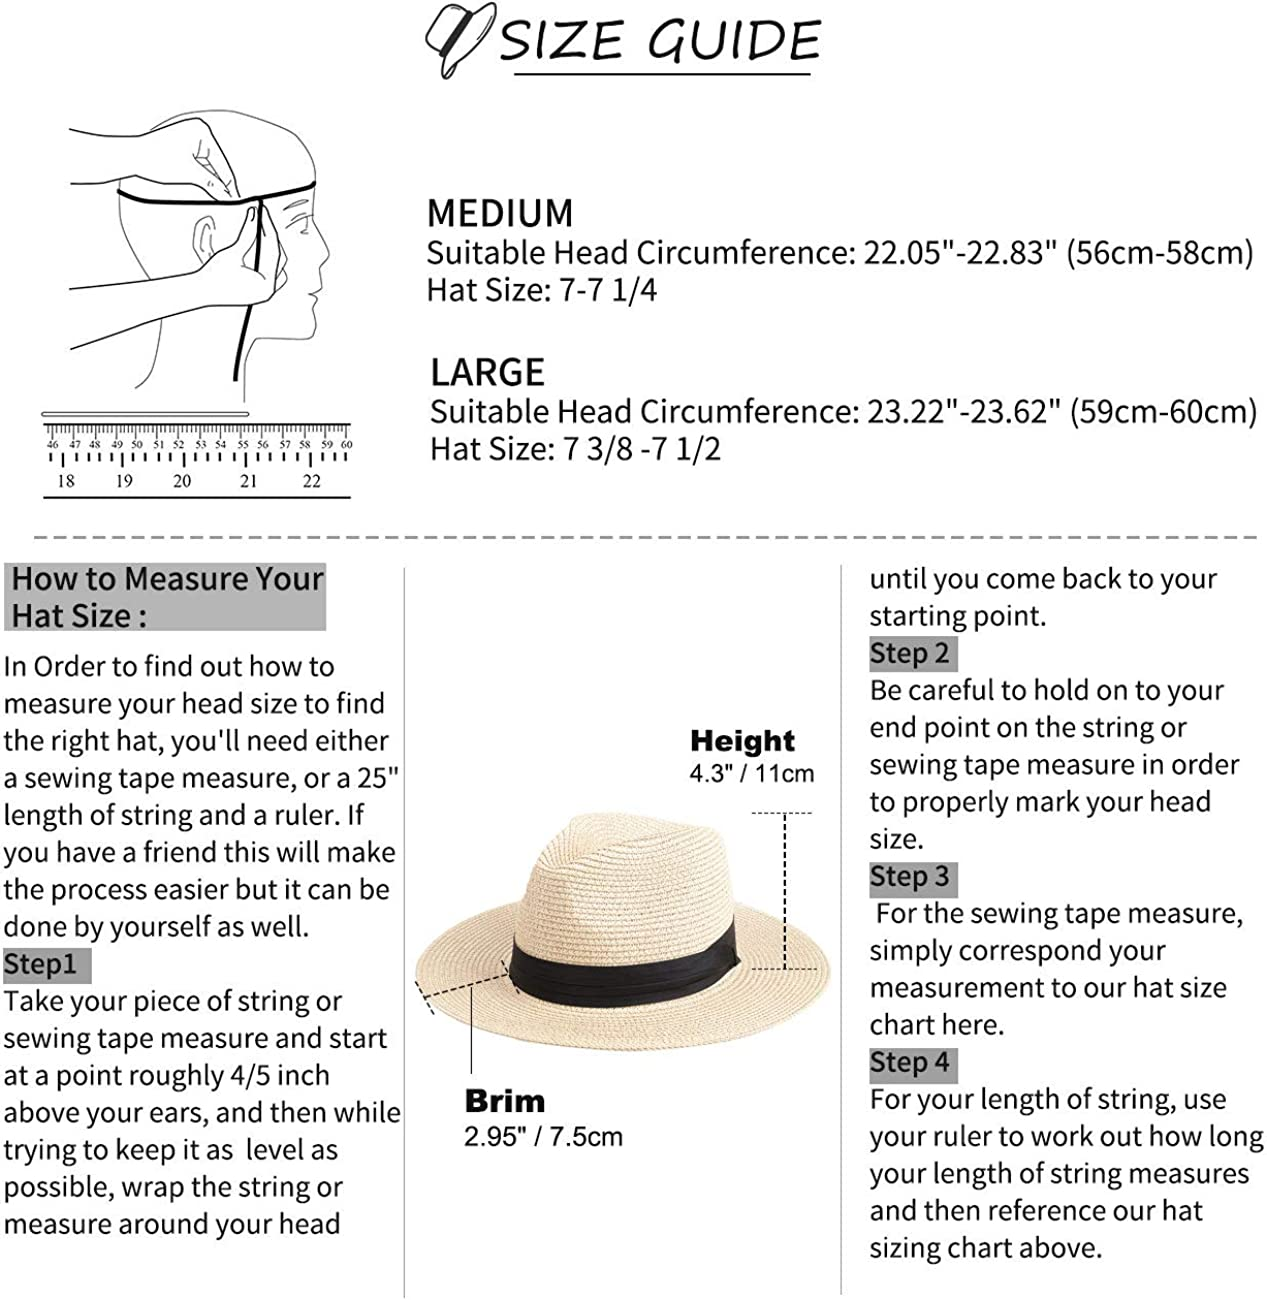 Cappello di Paglia Unisex Cappello da Sole Impacchettabile per Vacanze Estive Maylisacc Cappello Panama per Donna Uomo